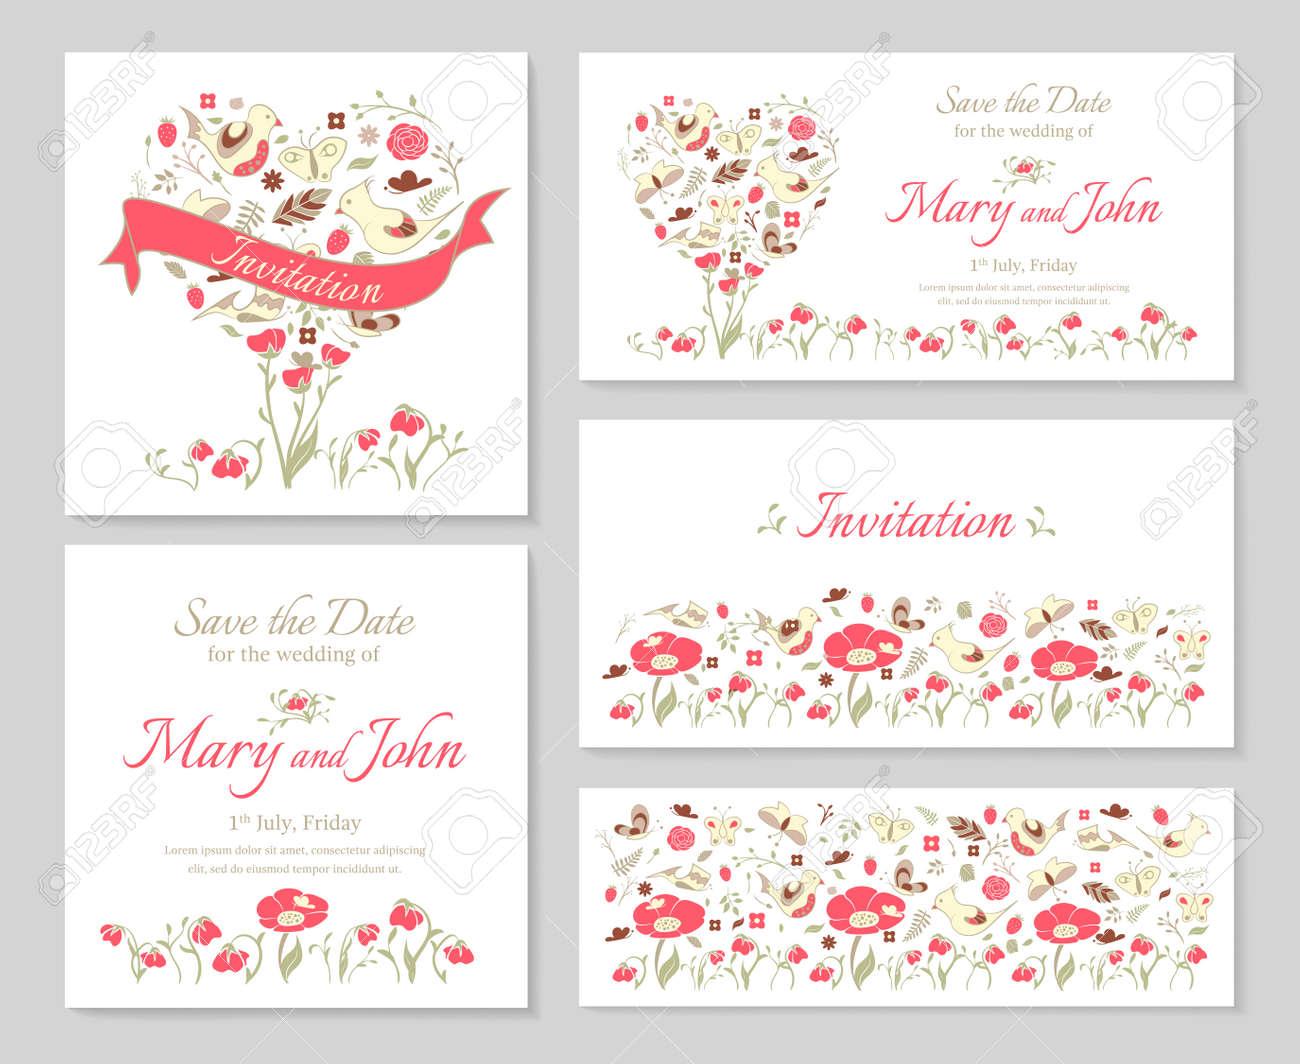 Nett Leere Hochzeitseinladungen Vorlagen Zeitgenössisch - Beispiel ...